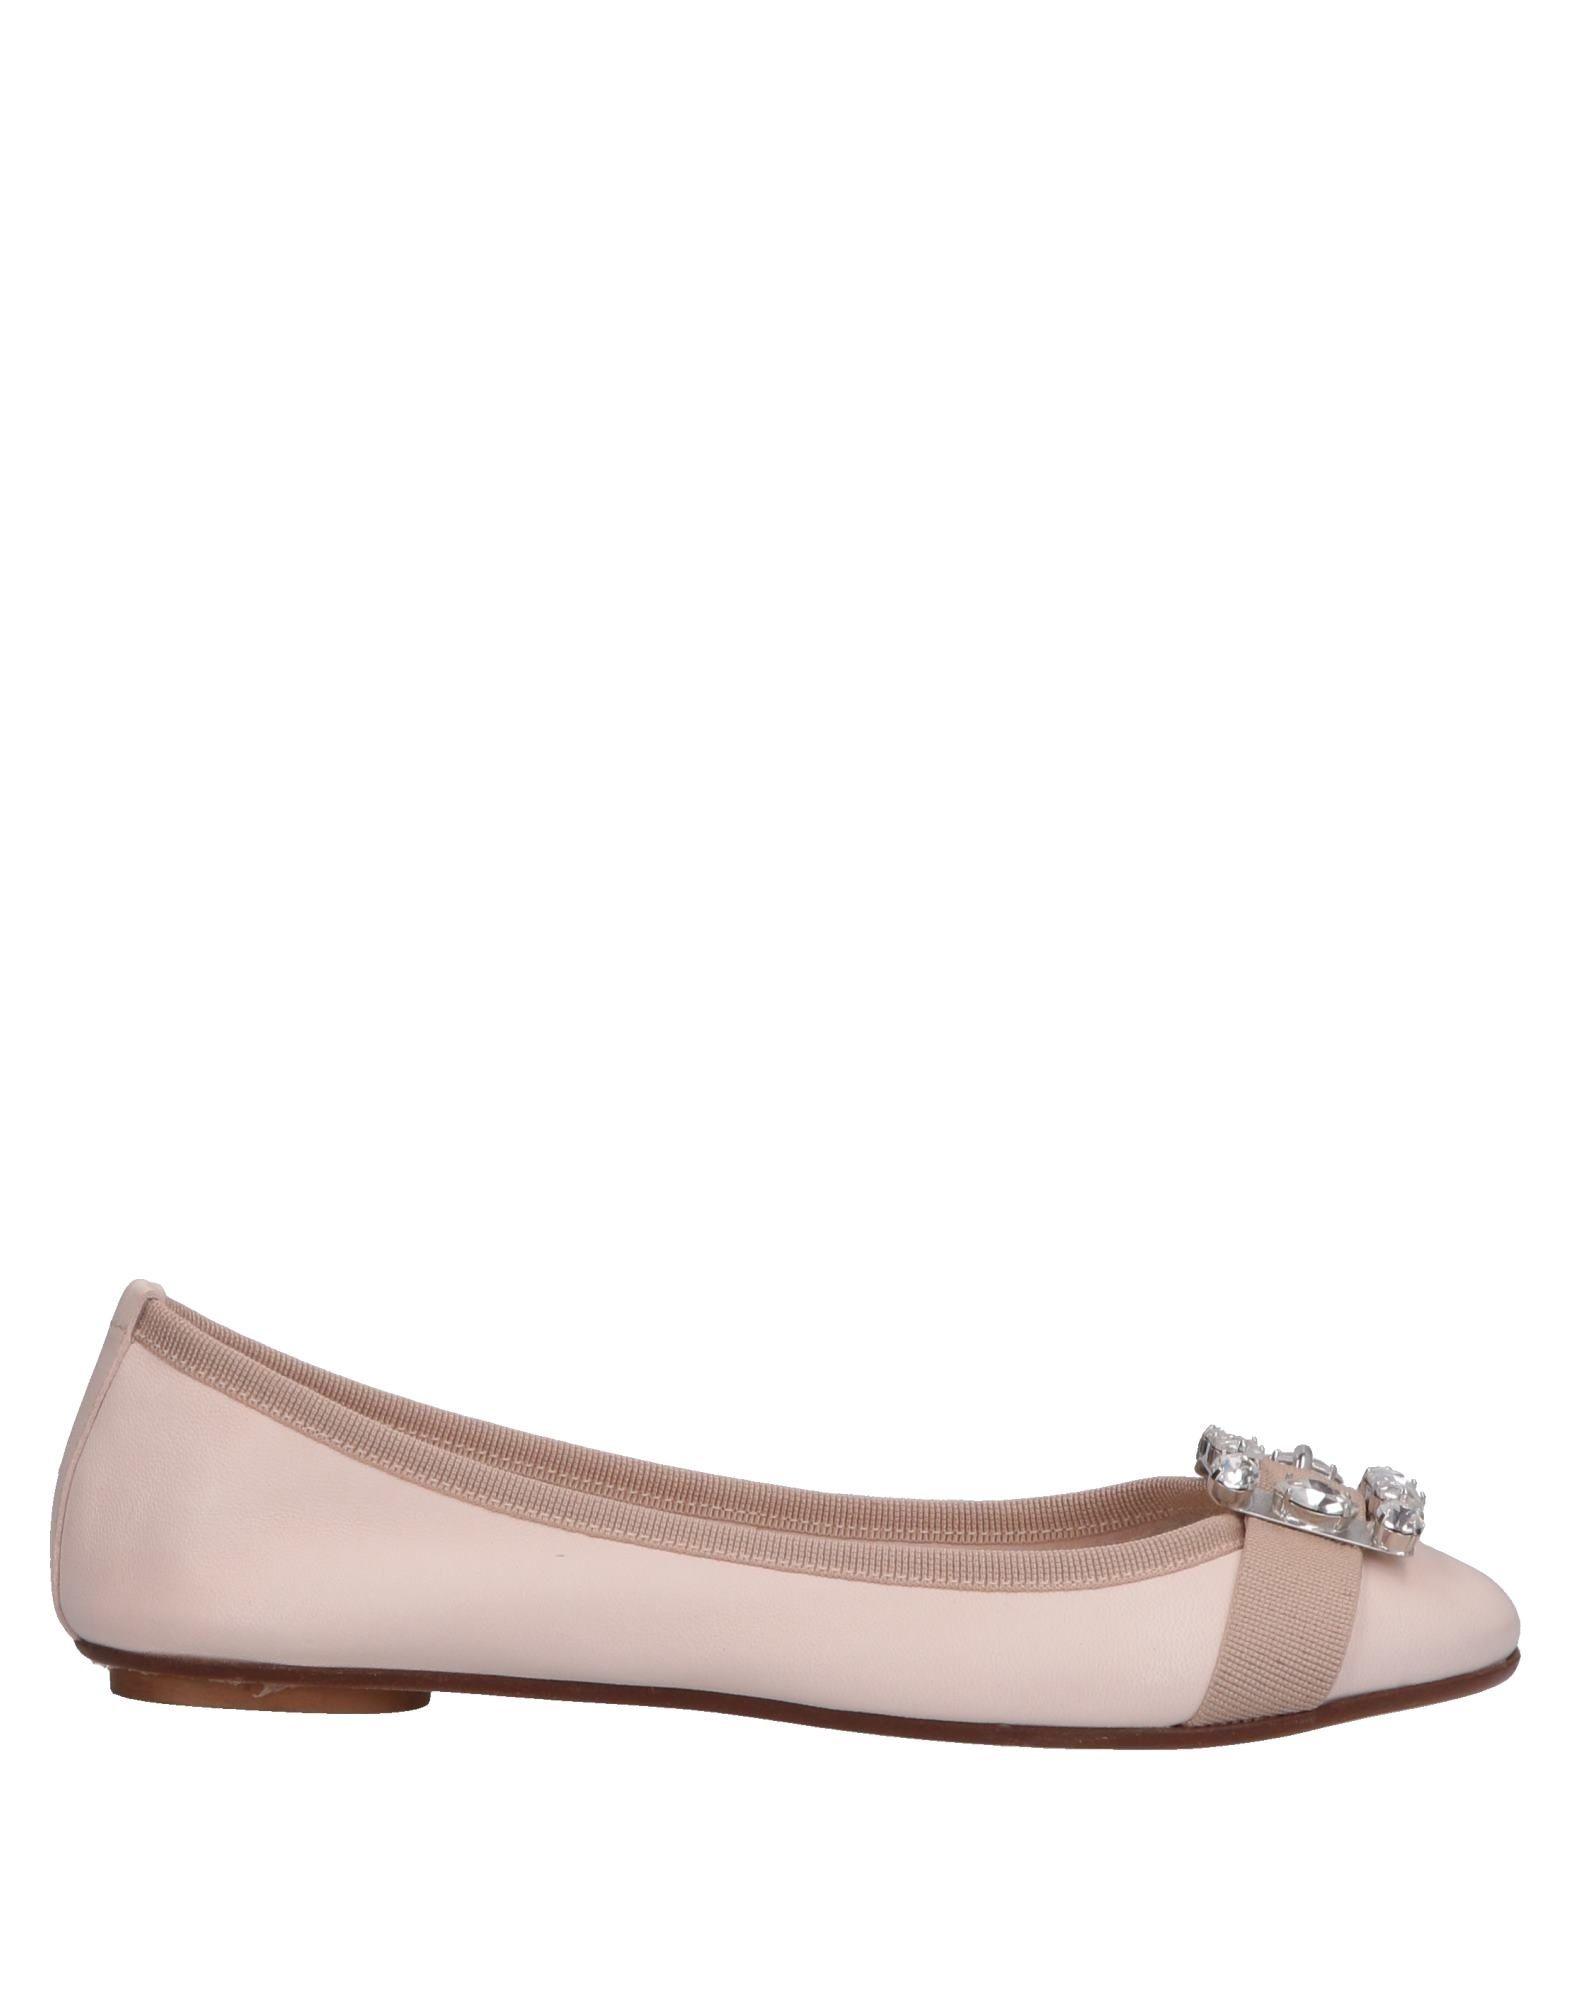 Anna Baiguera Ballet Flats Ballet - Women Anna Baiguera Ballet Flats Flats online on  Australia - 11582493OE 28cbe9